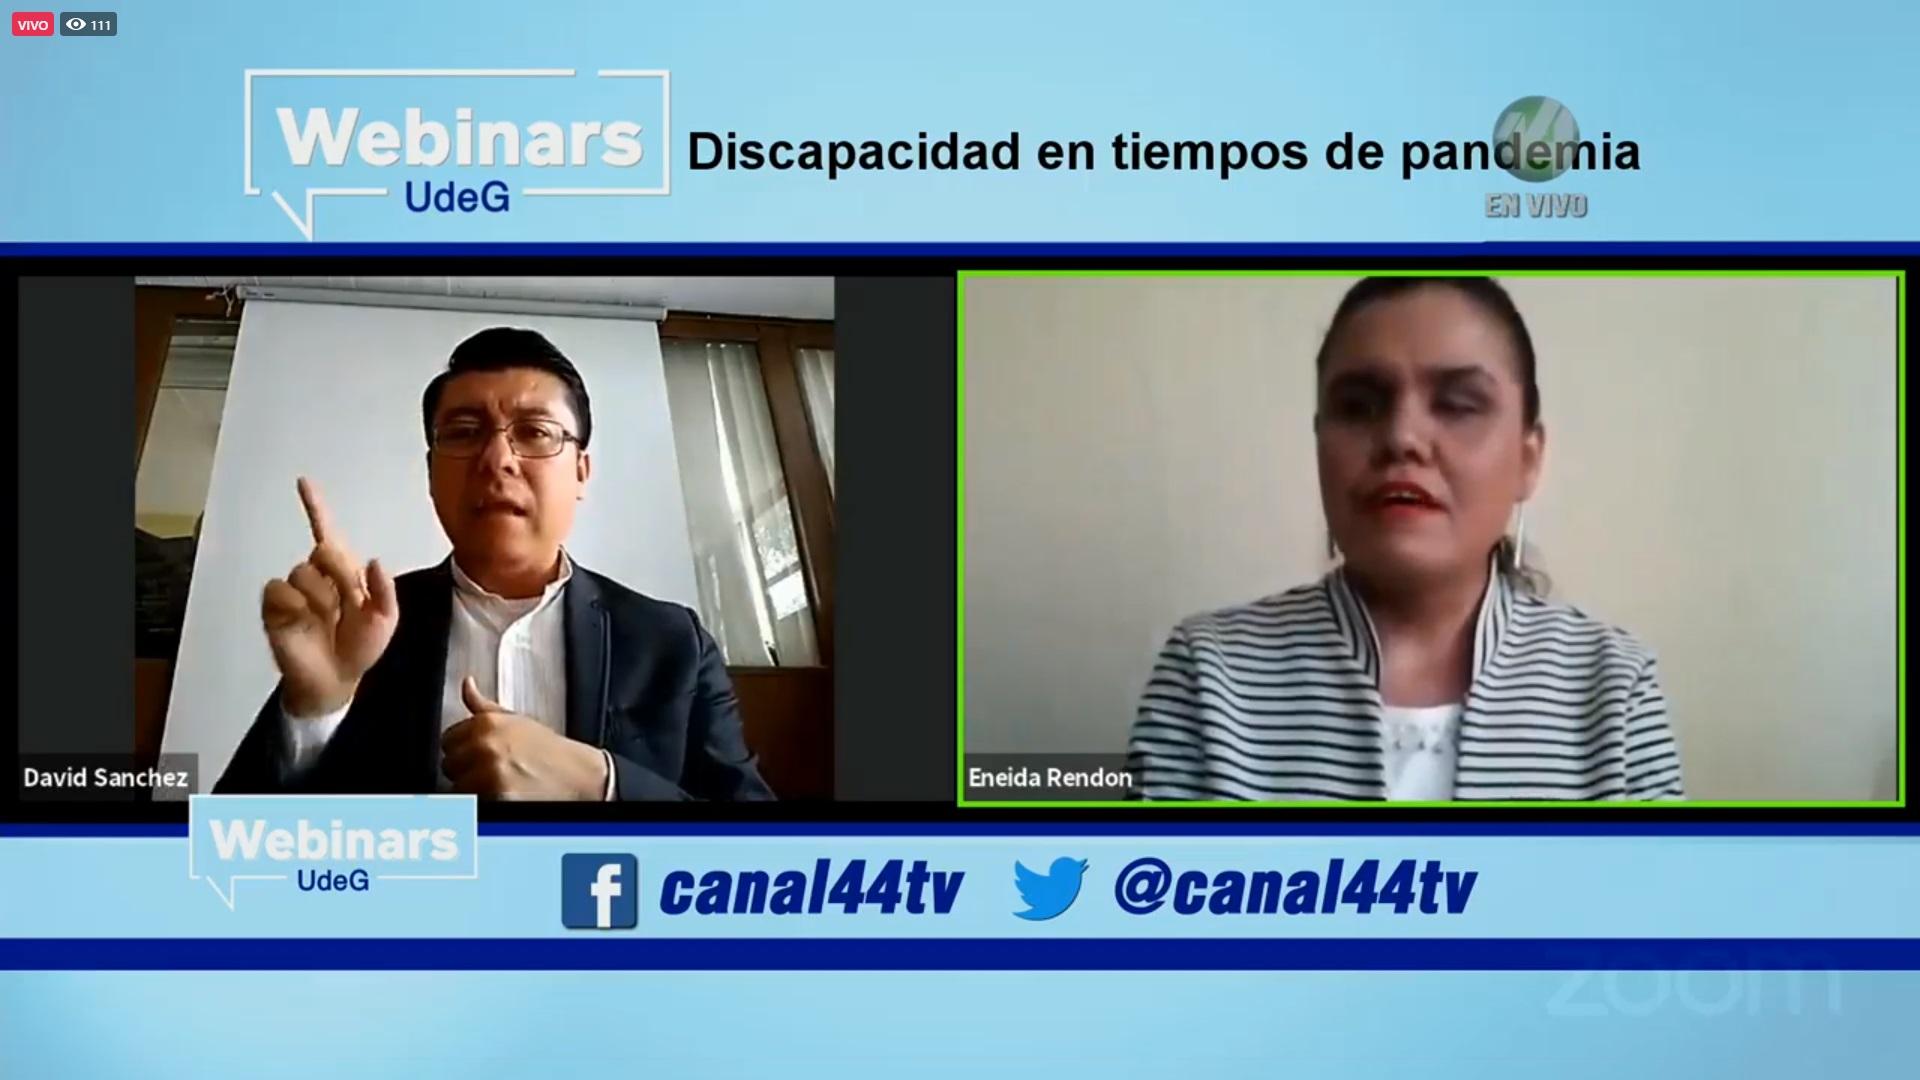 """Presentan webinar """"COVID-19: Discapacidad en tiempos de pandemia"""", organizado por la Universidad de Guadalajara y Jalisco a Futuro"""